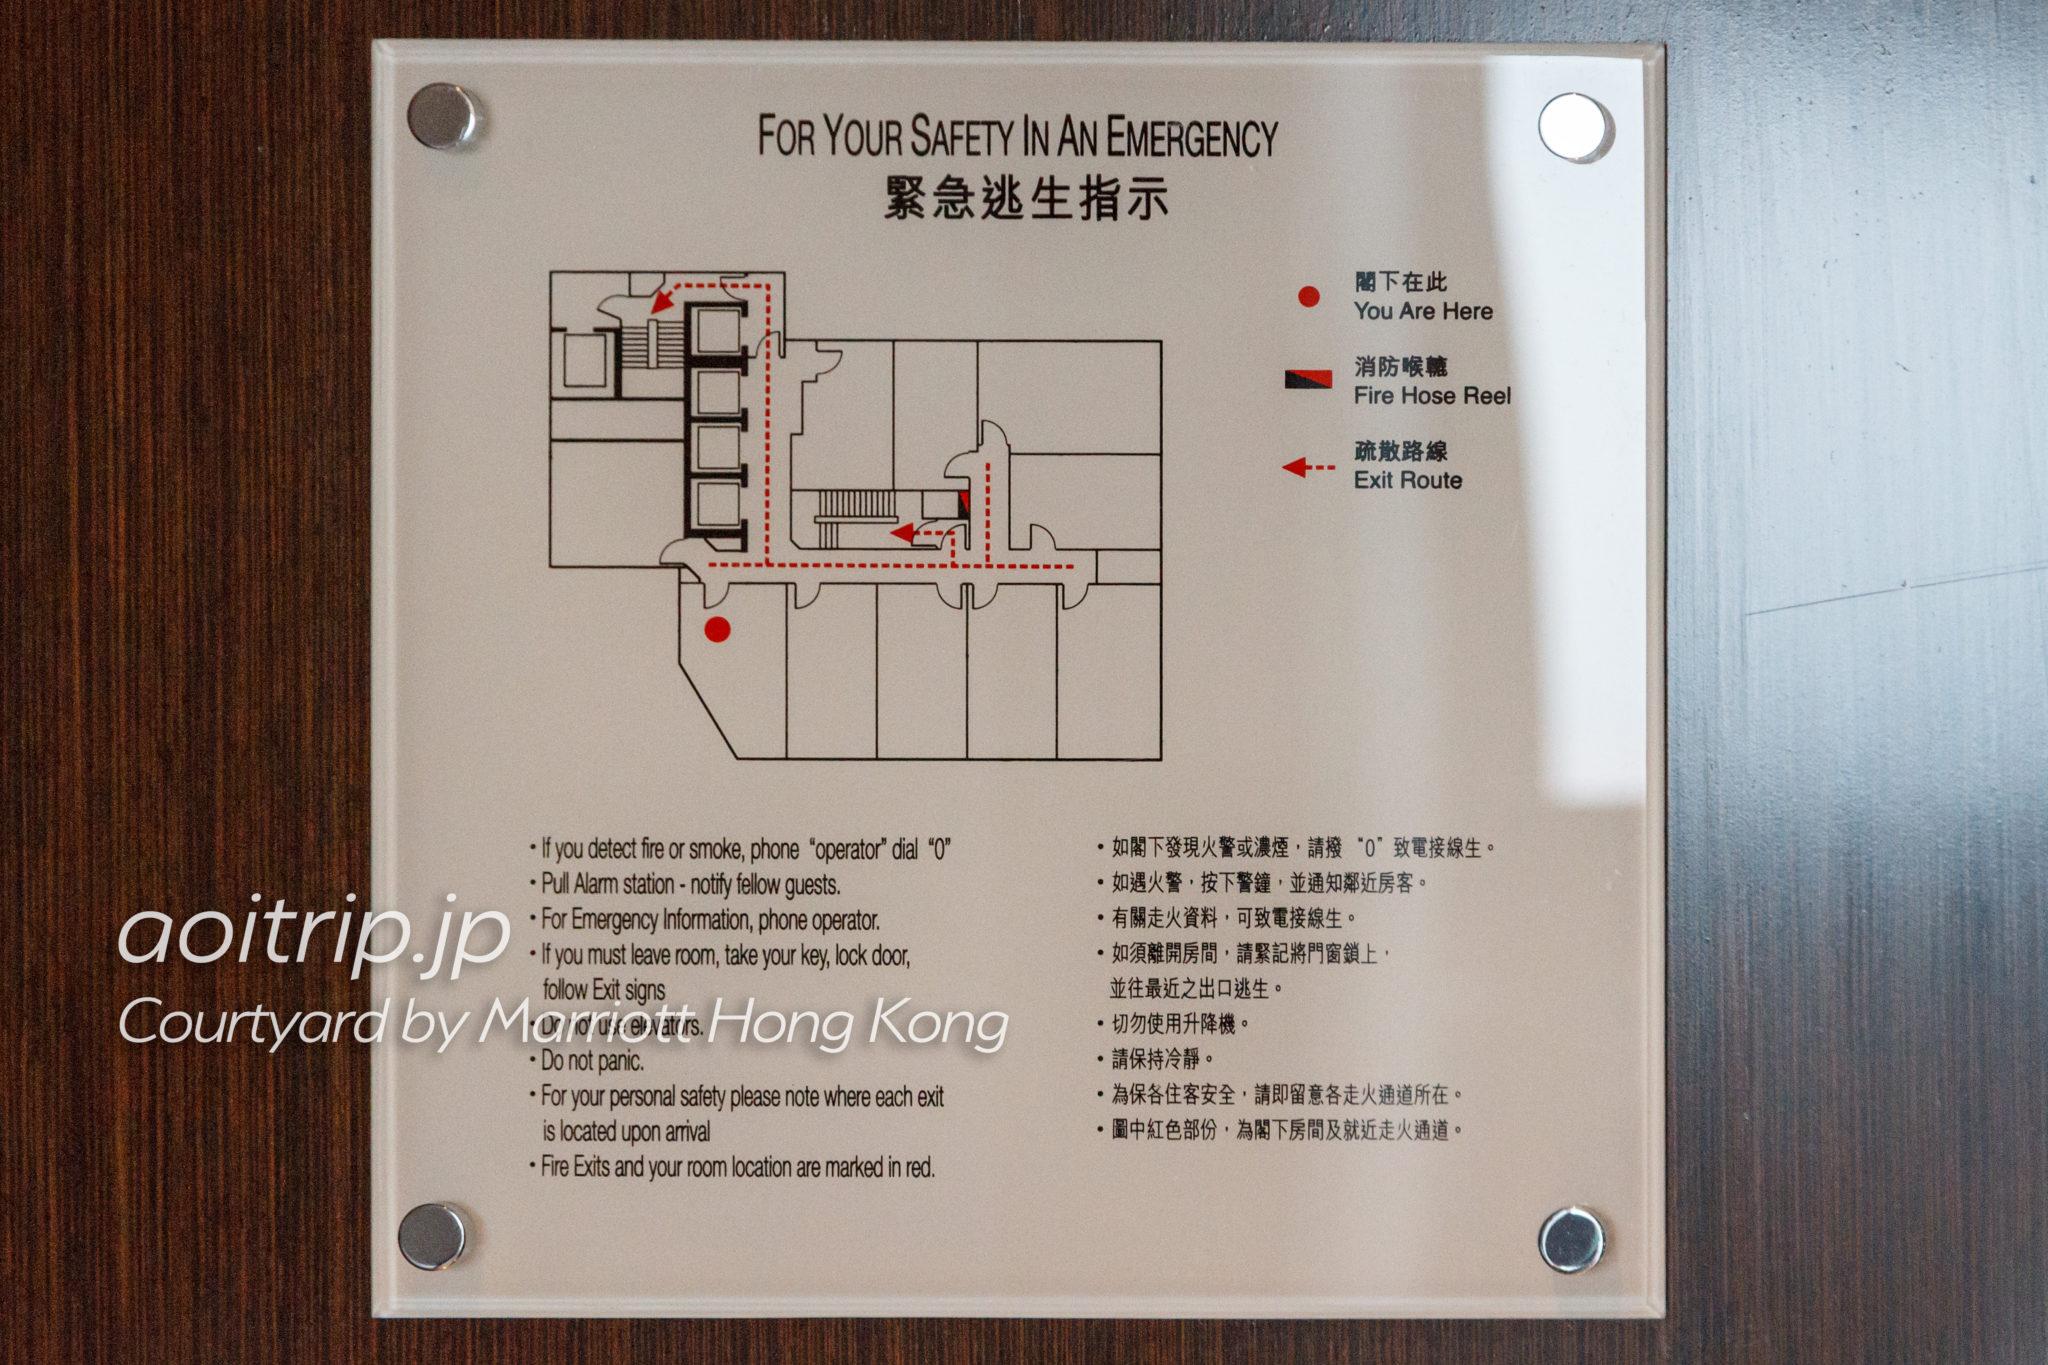 コートヤードバイマリオット香港のフロアマップ